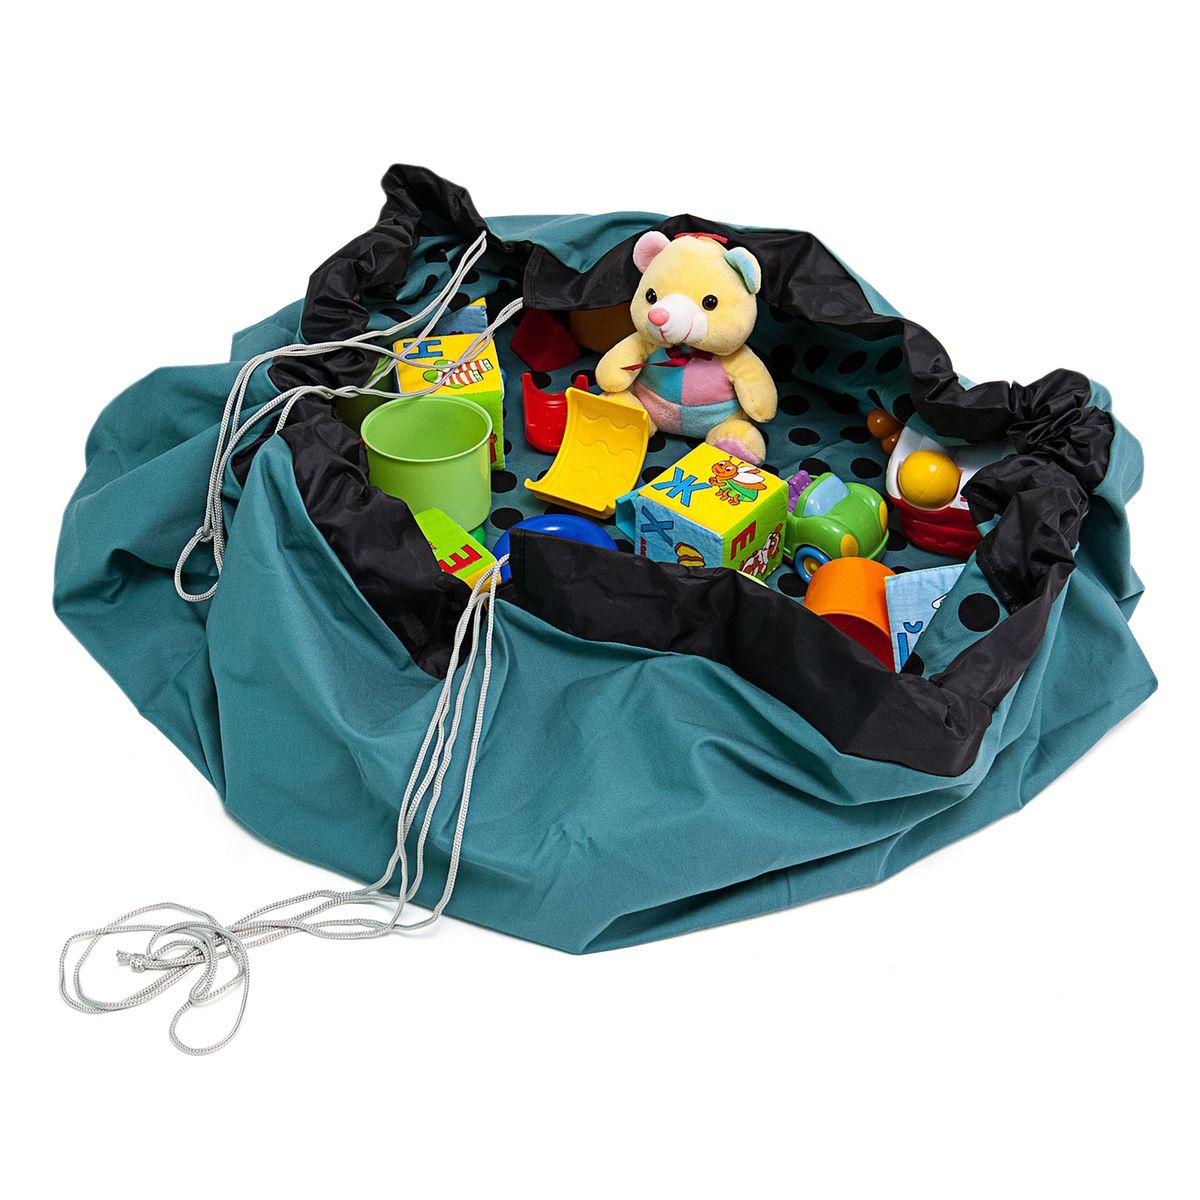 Сумка-коврик для игрушек Homsu  Горошек , 135х135 см, цвет: бирюзовый, черный - Подушки, пледы, коврики